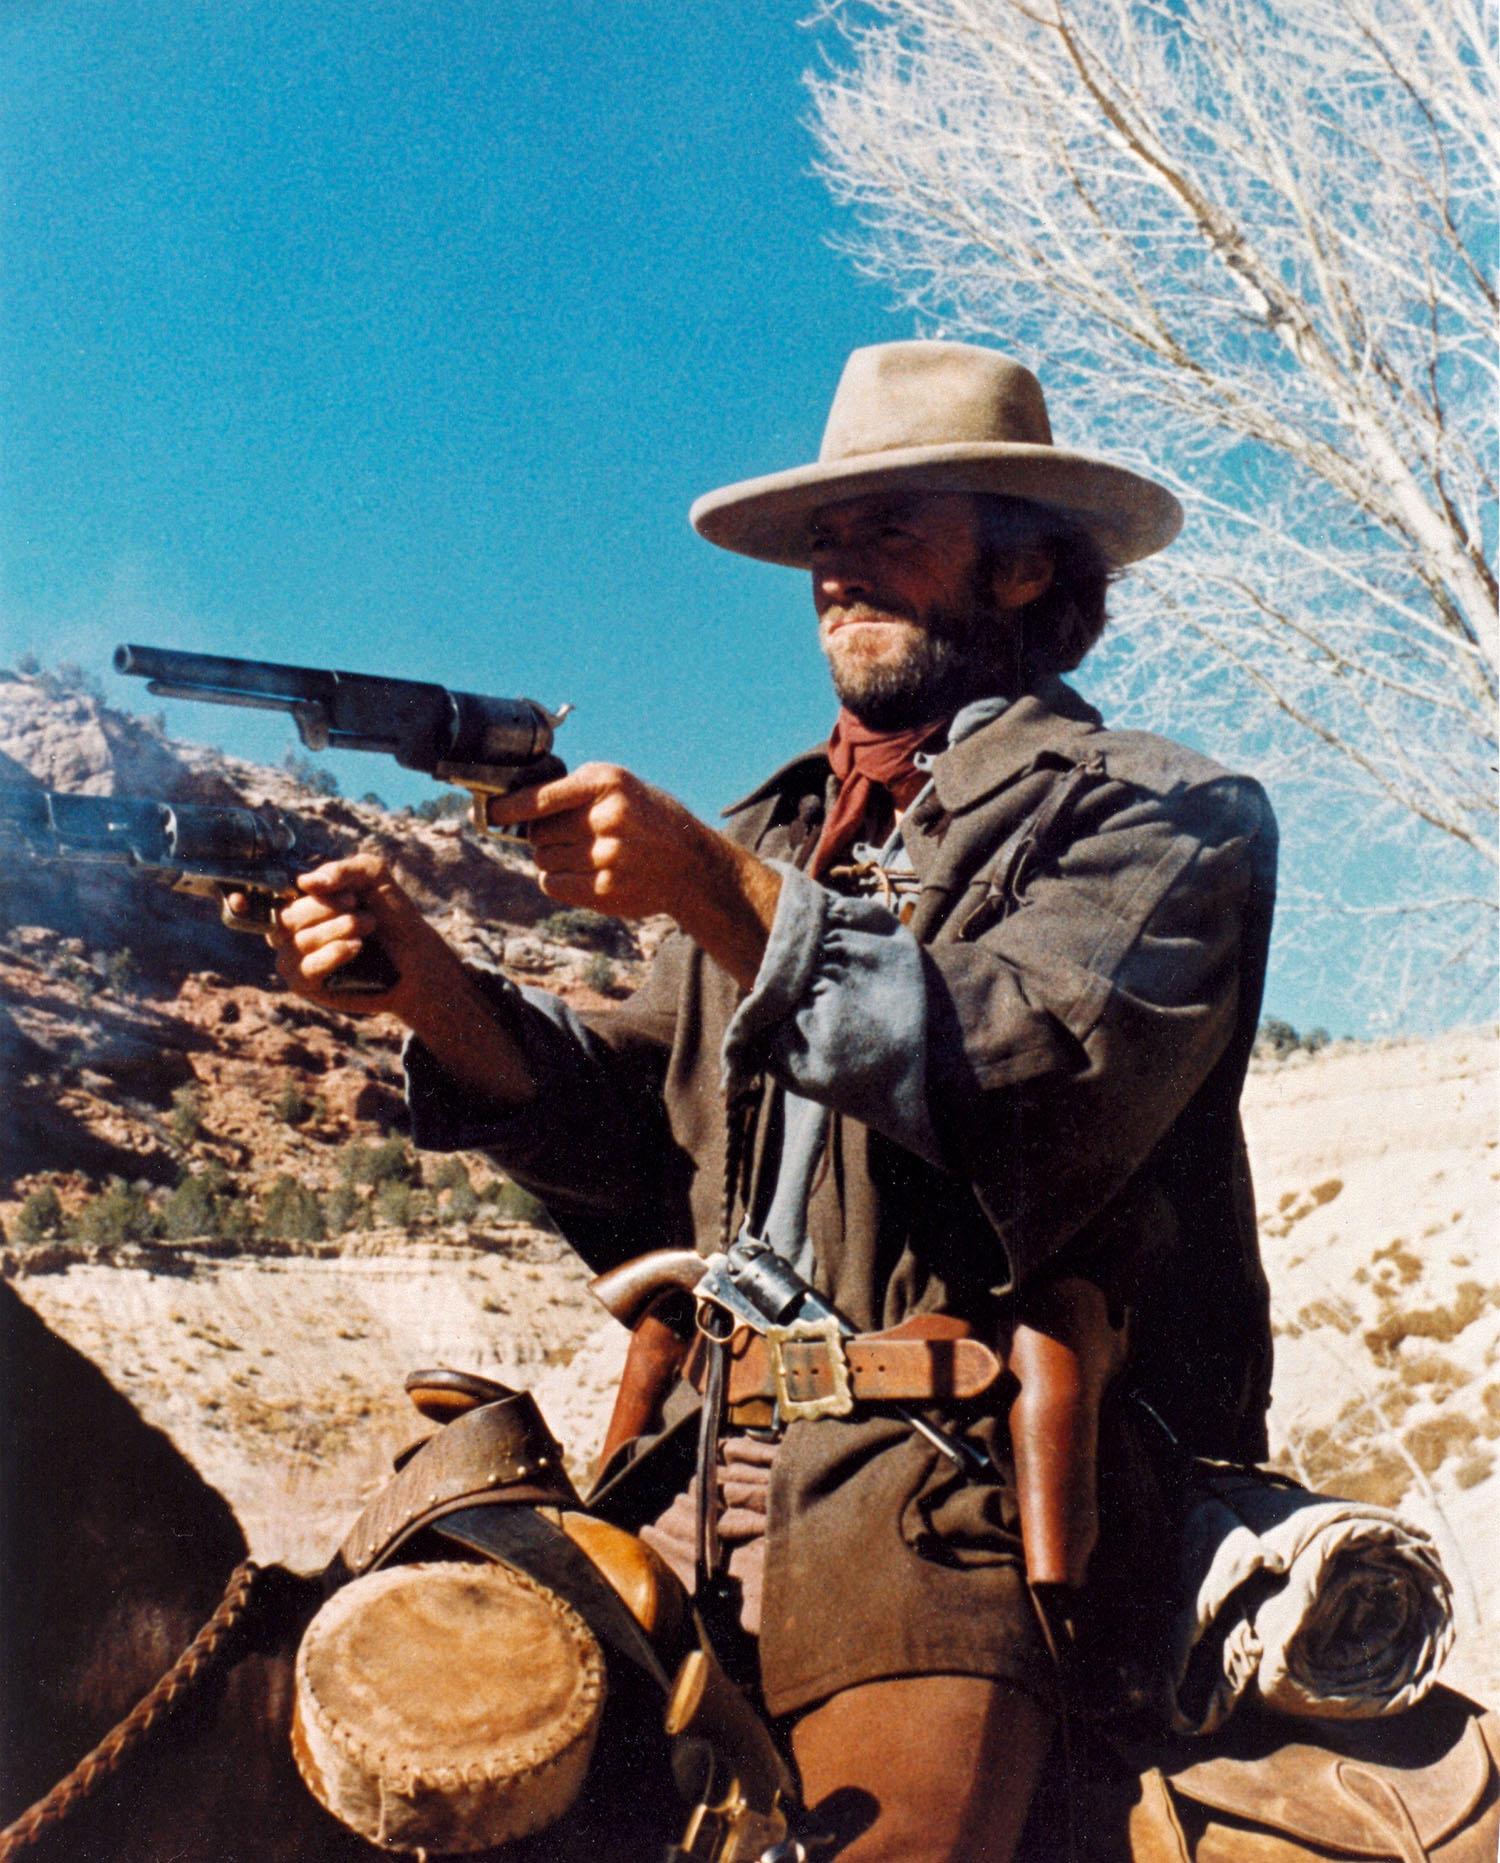 历史上最重要的十大枪械 - 晨枫 - 晨枫小苑